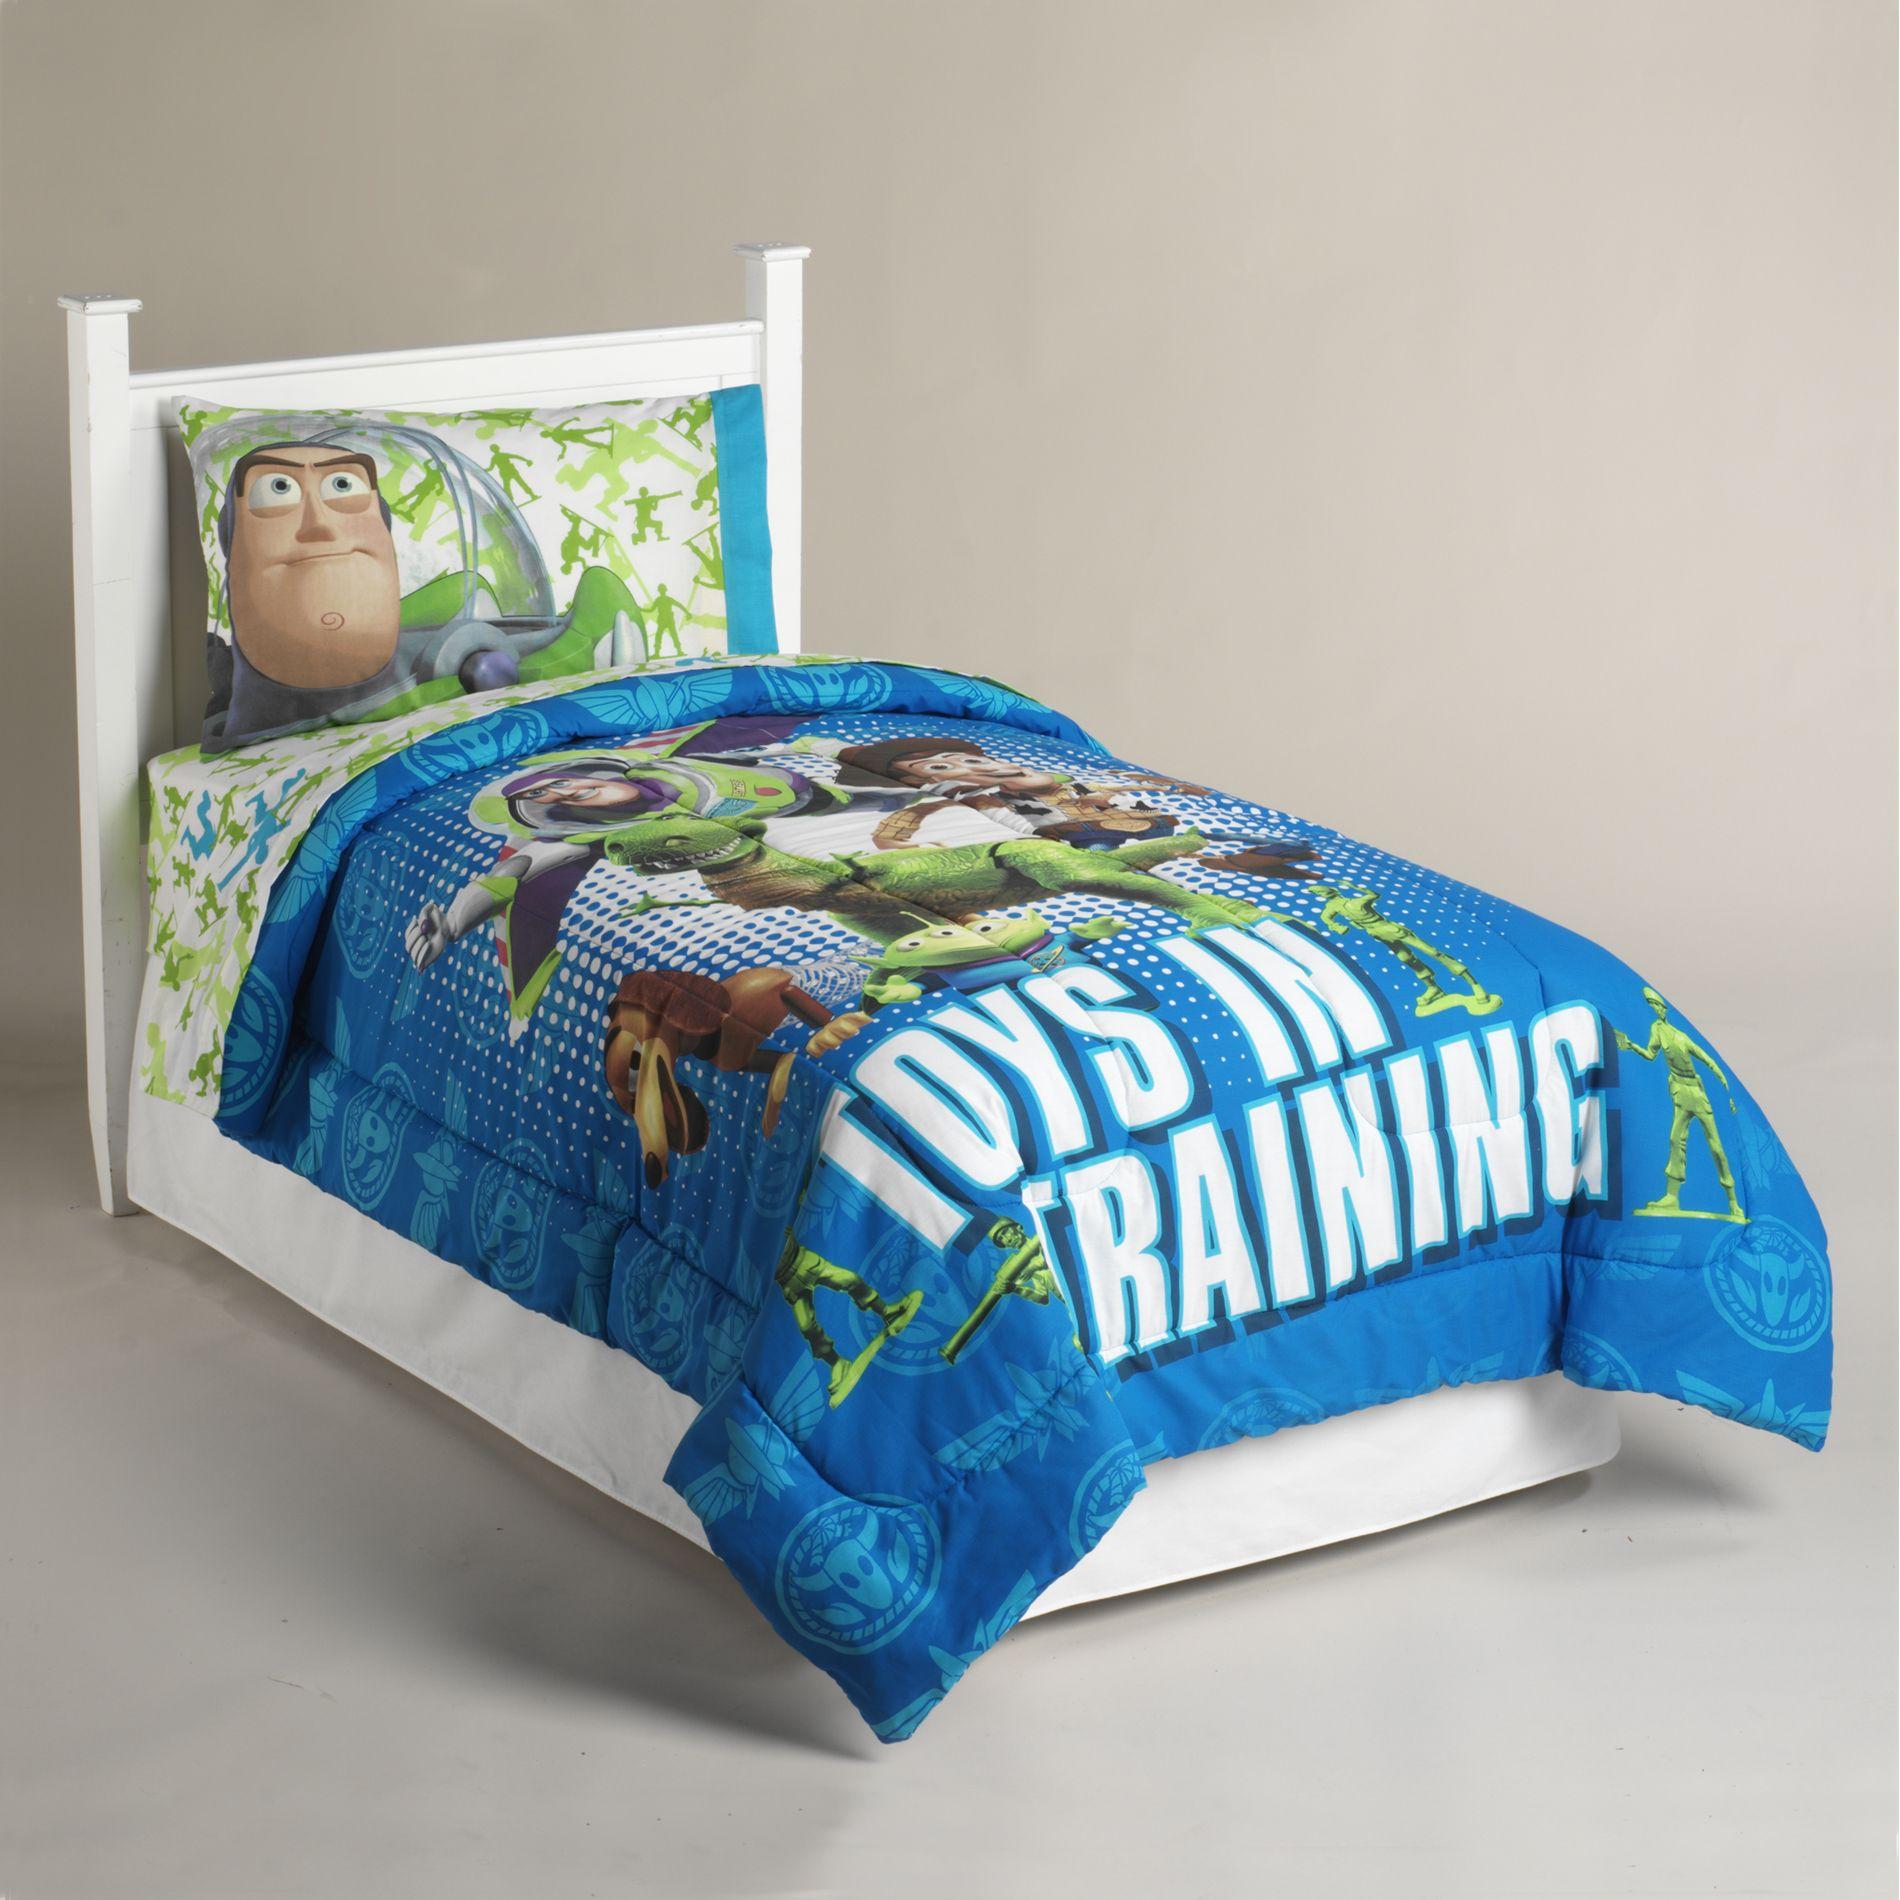 Disney Toy Story Buzz Lightyear Twin Comforter